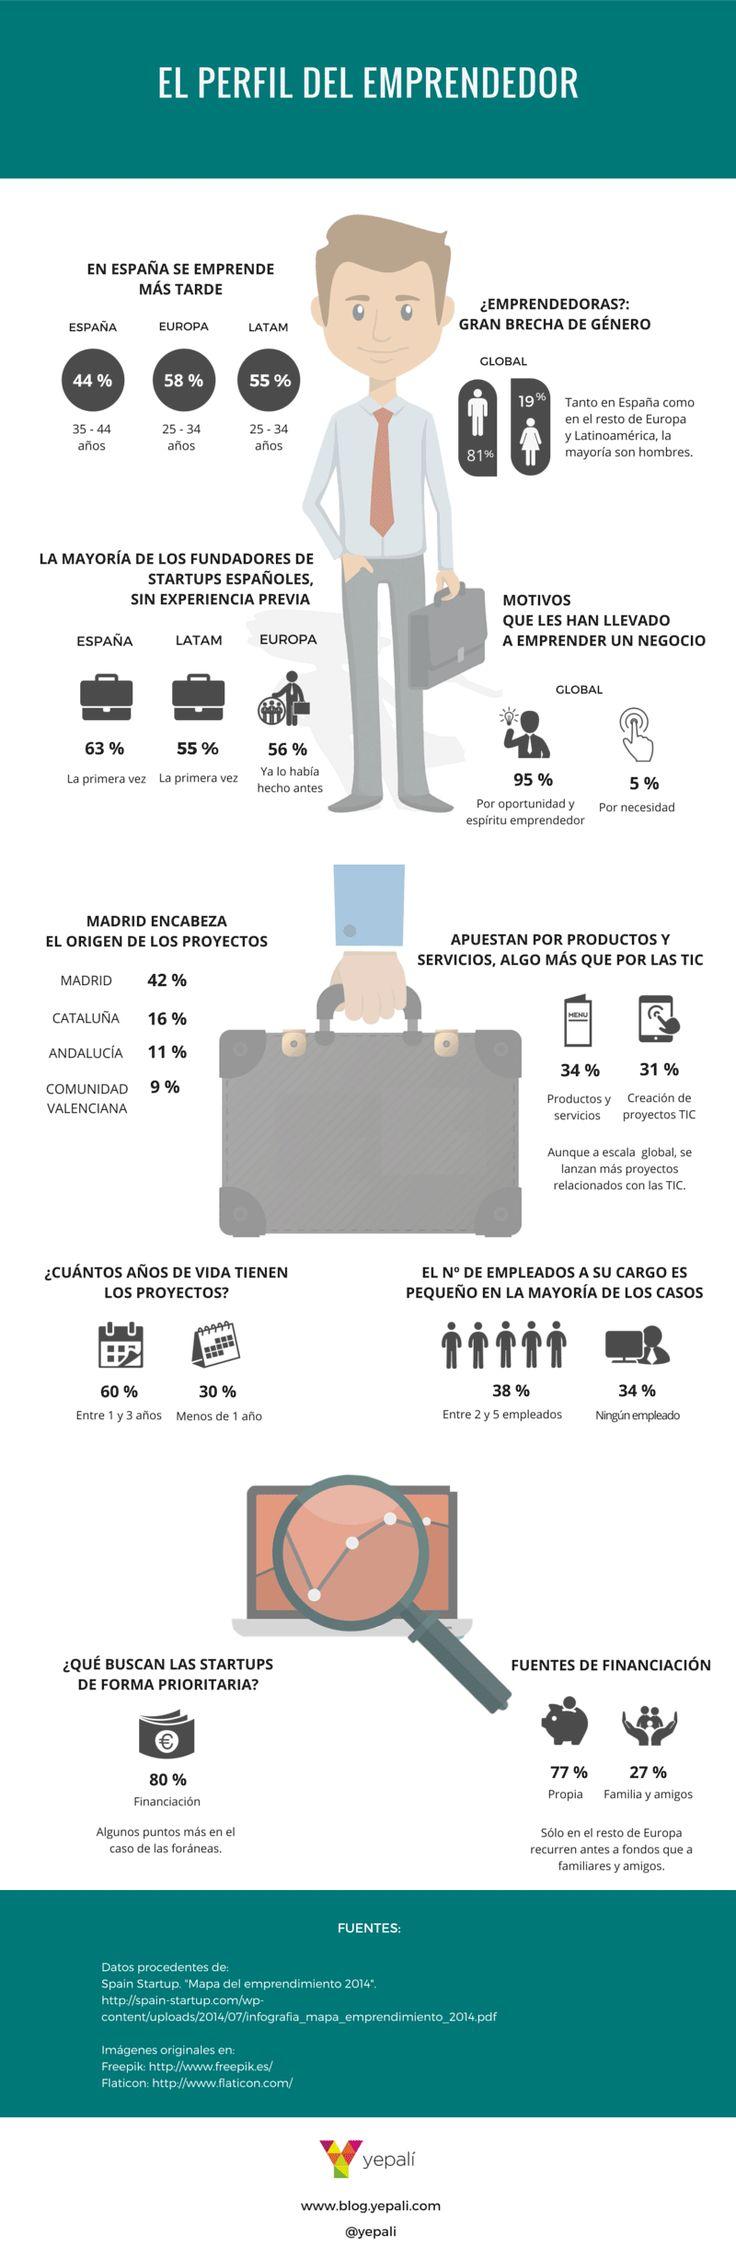 El perfil del emprendedor español #infografia #infographic #entrepreneurship